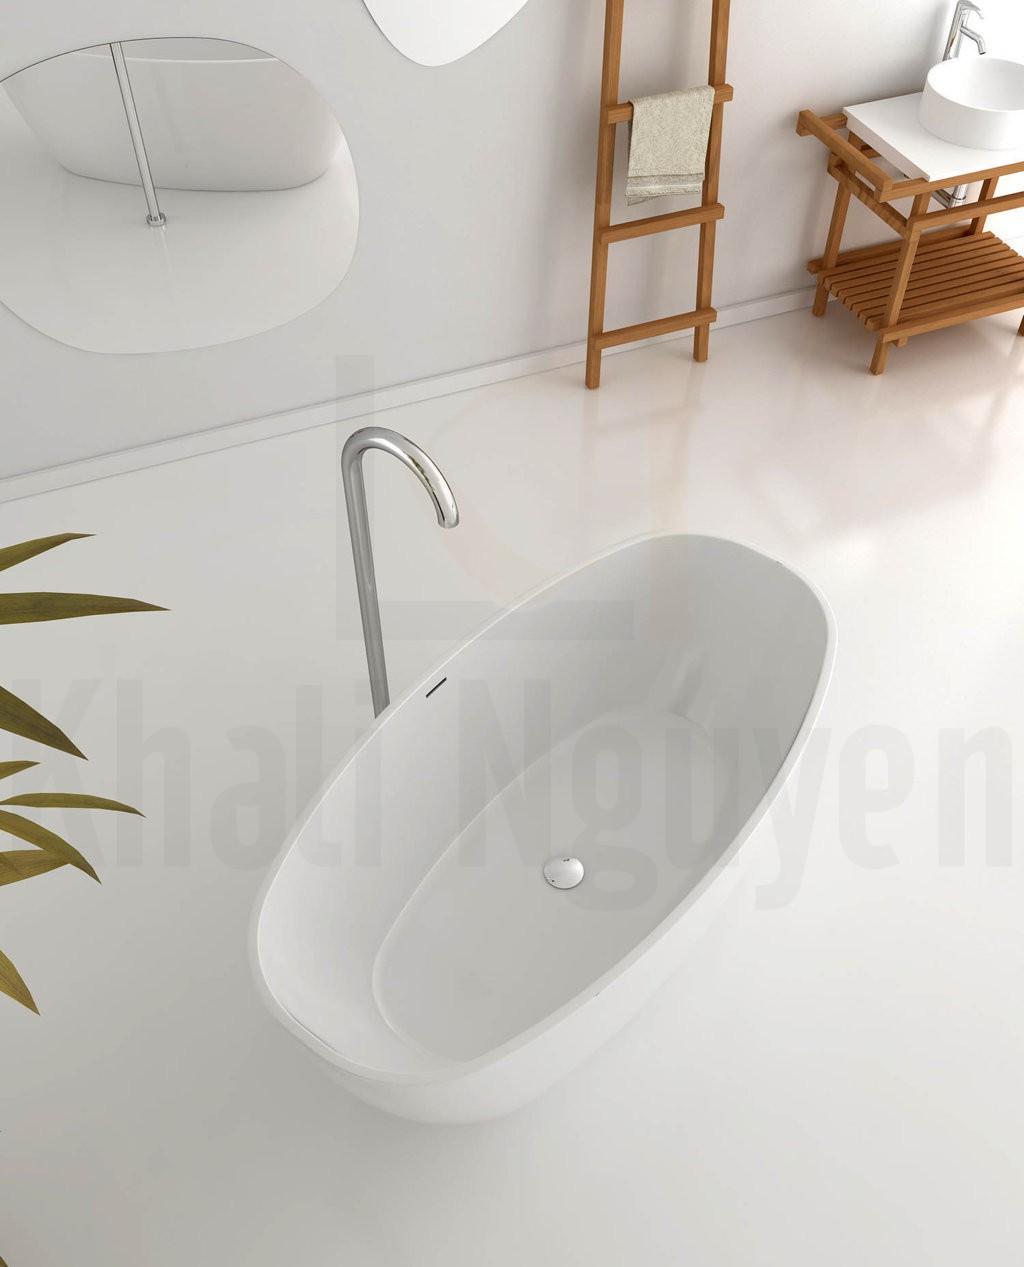 Bồn tắm Rangos RG-701 - Hình 1